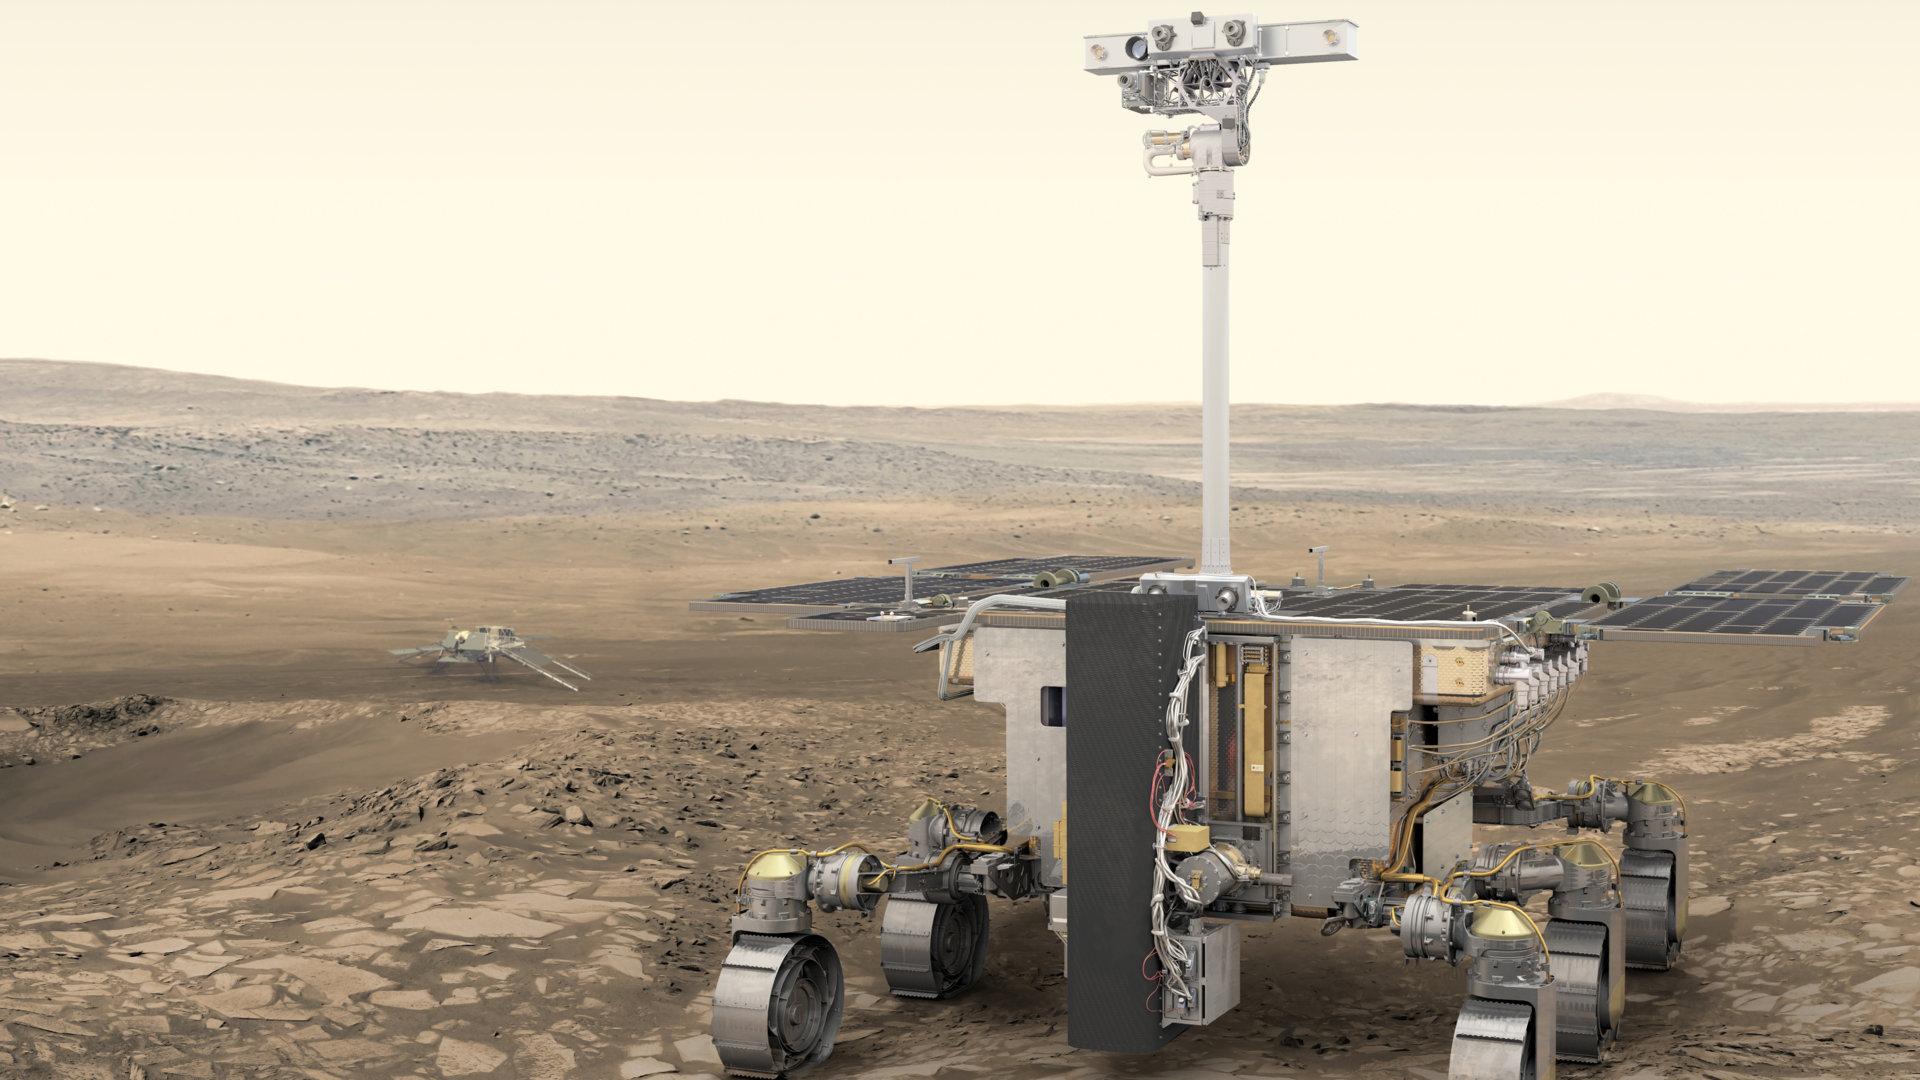 «Роскосмос» и ESA перенесли запуск миссии «ЭкзоМарс» с планетоходом «Розалинд Франклин» на 2022 год 1